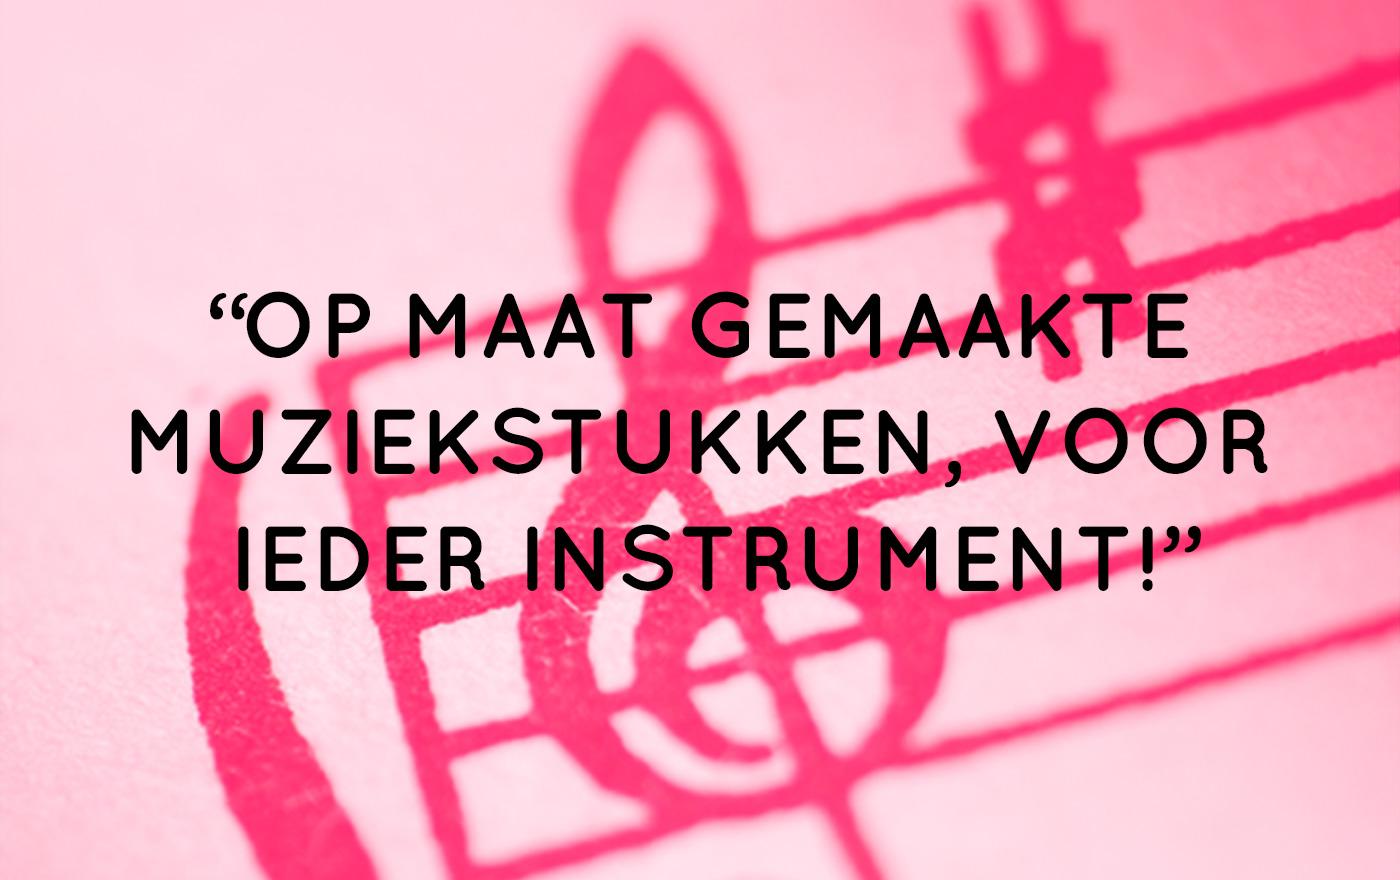 op maat gemaakte muziekstukken, voor ieder instrument